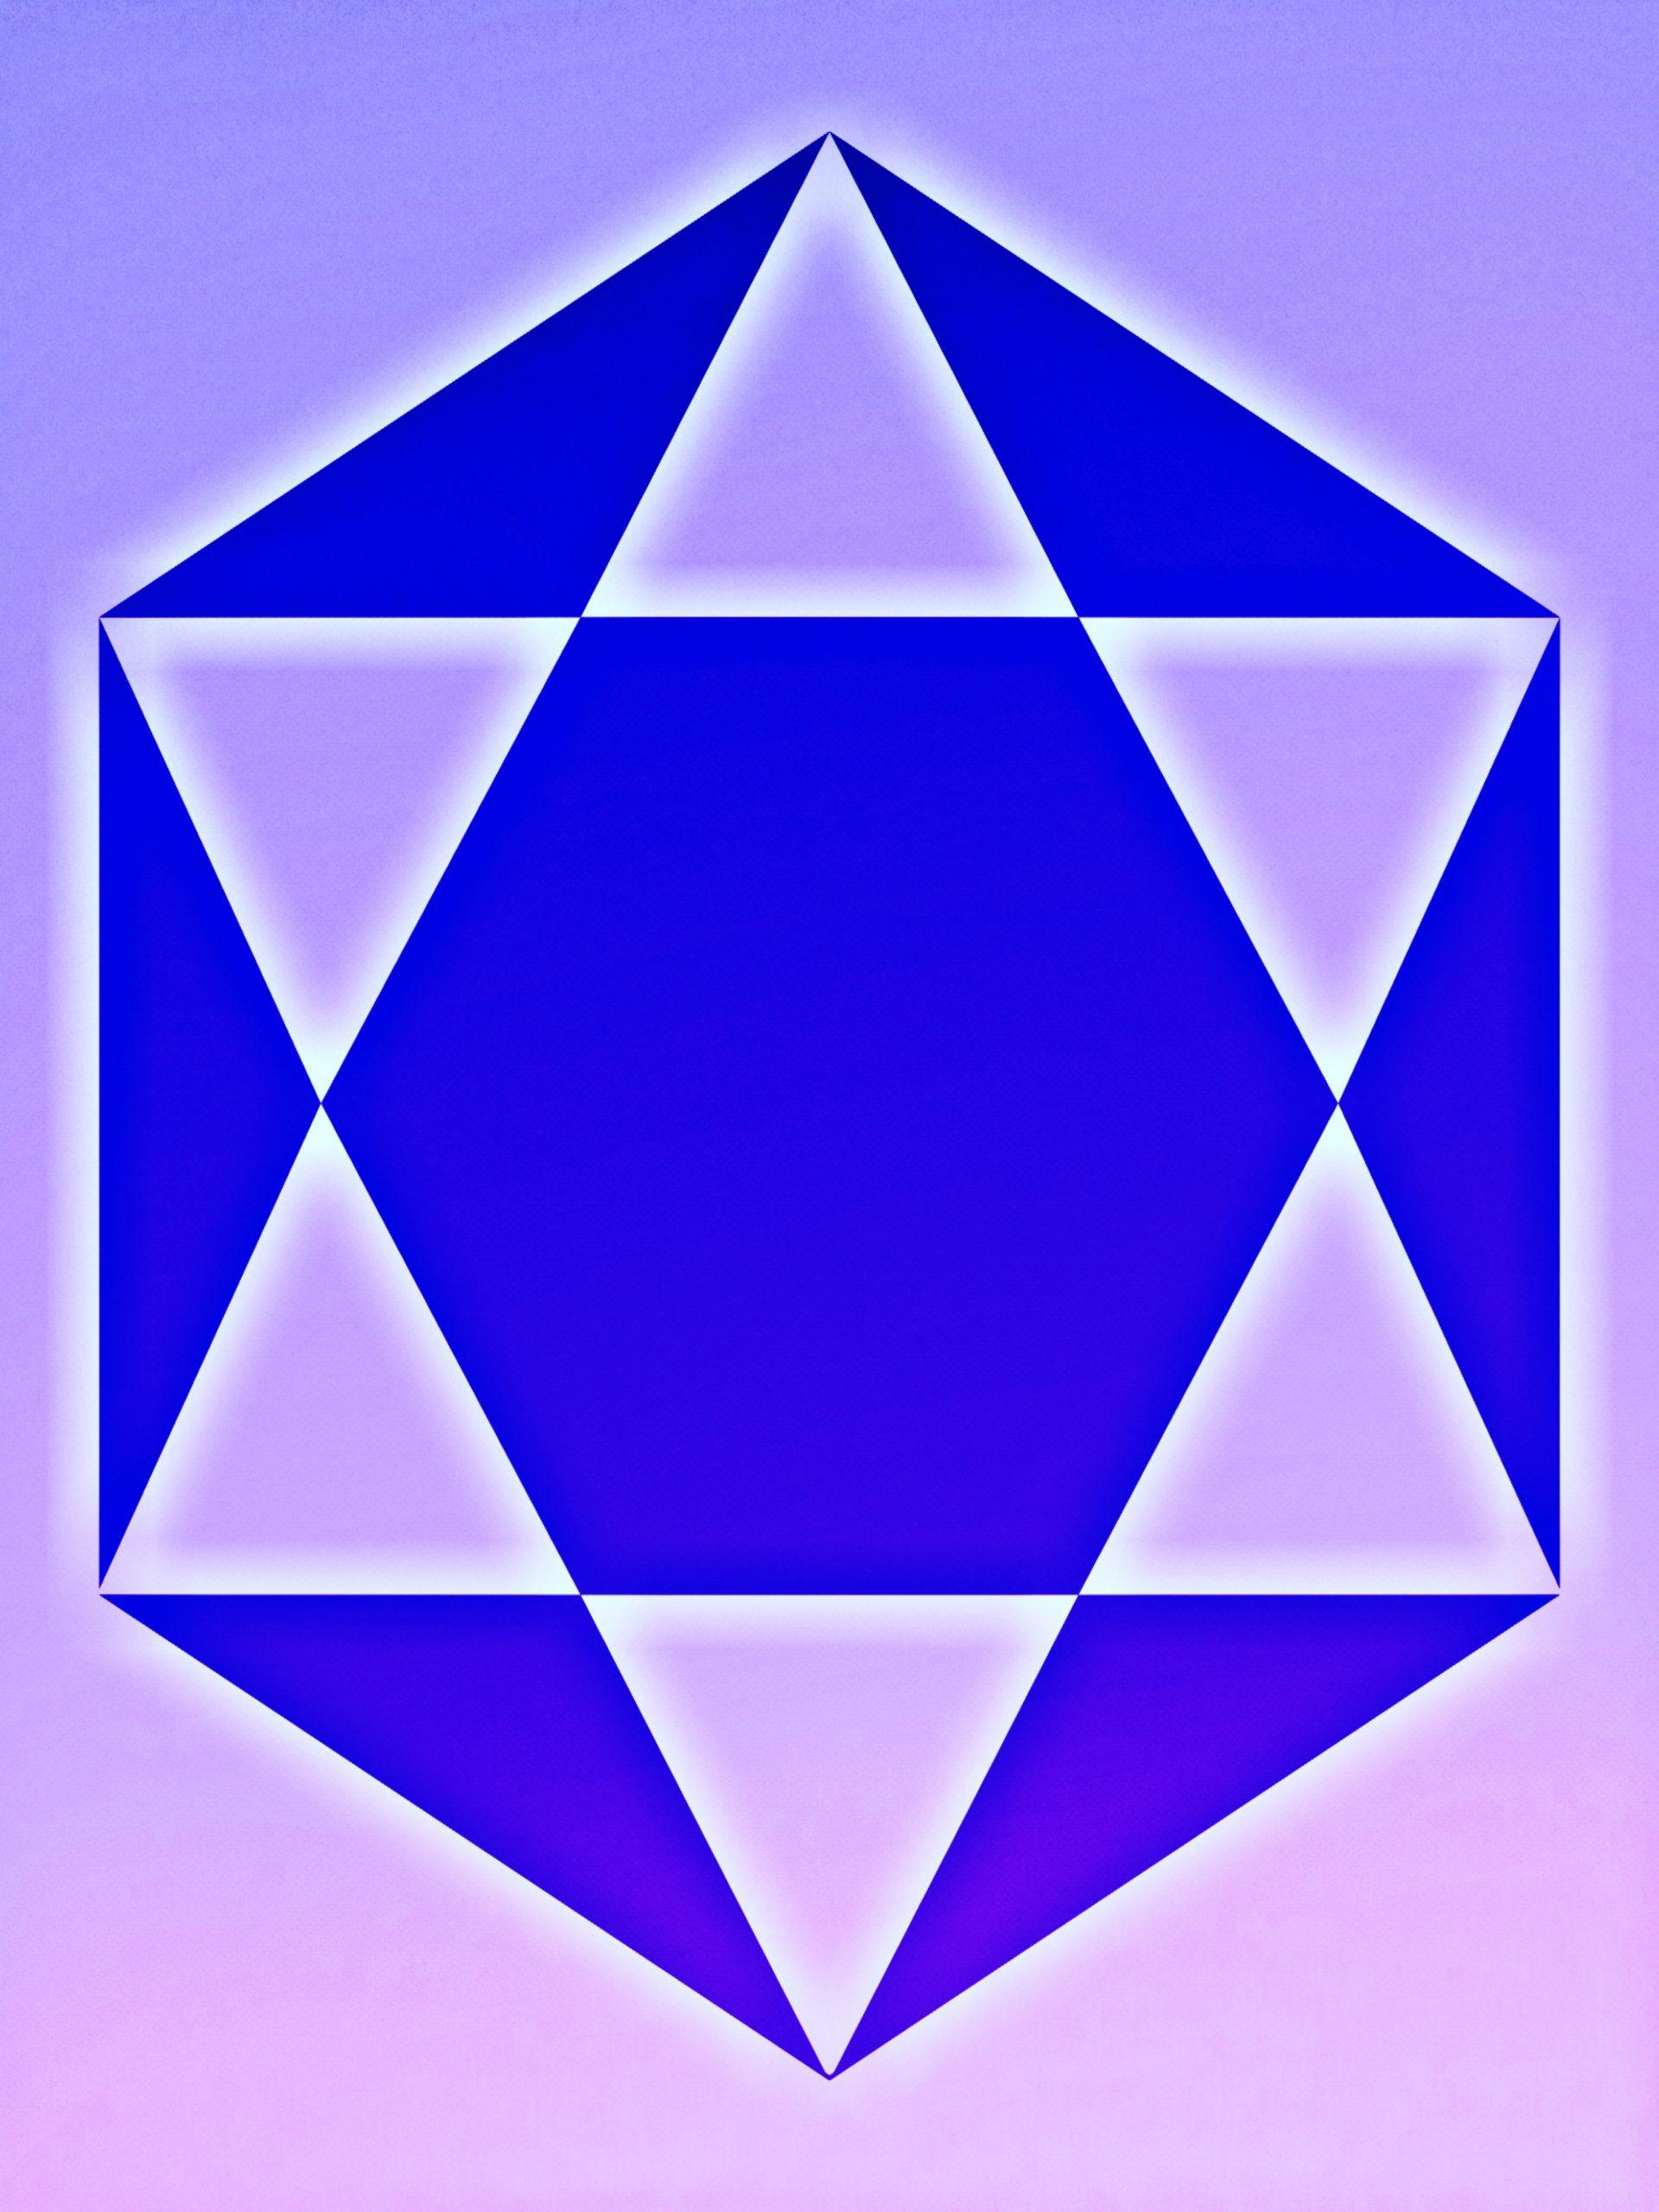 A hexagonal shape